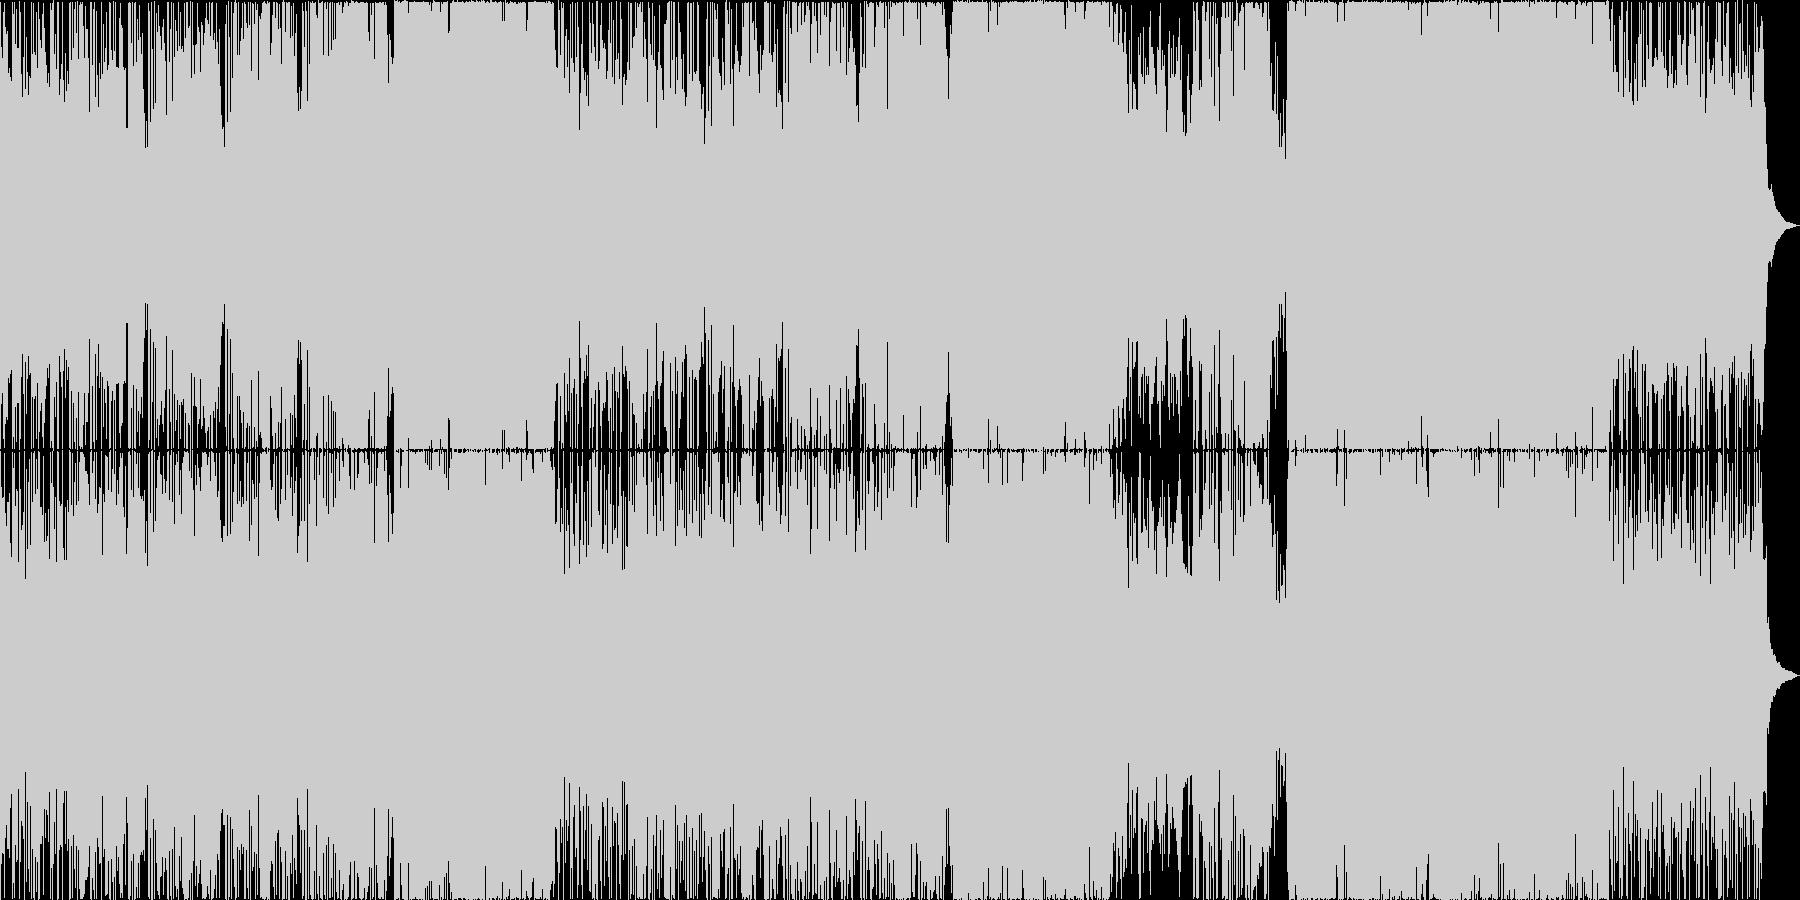 オシャレでクールな感じのバラードの未再生の波形